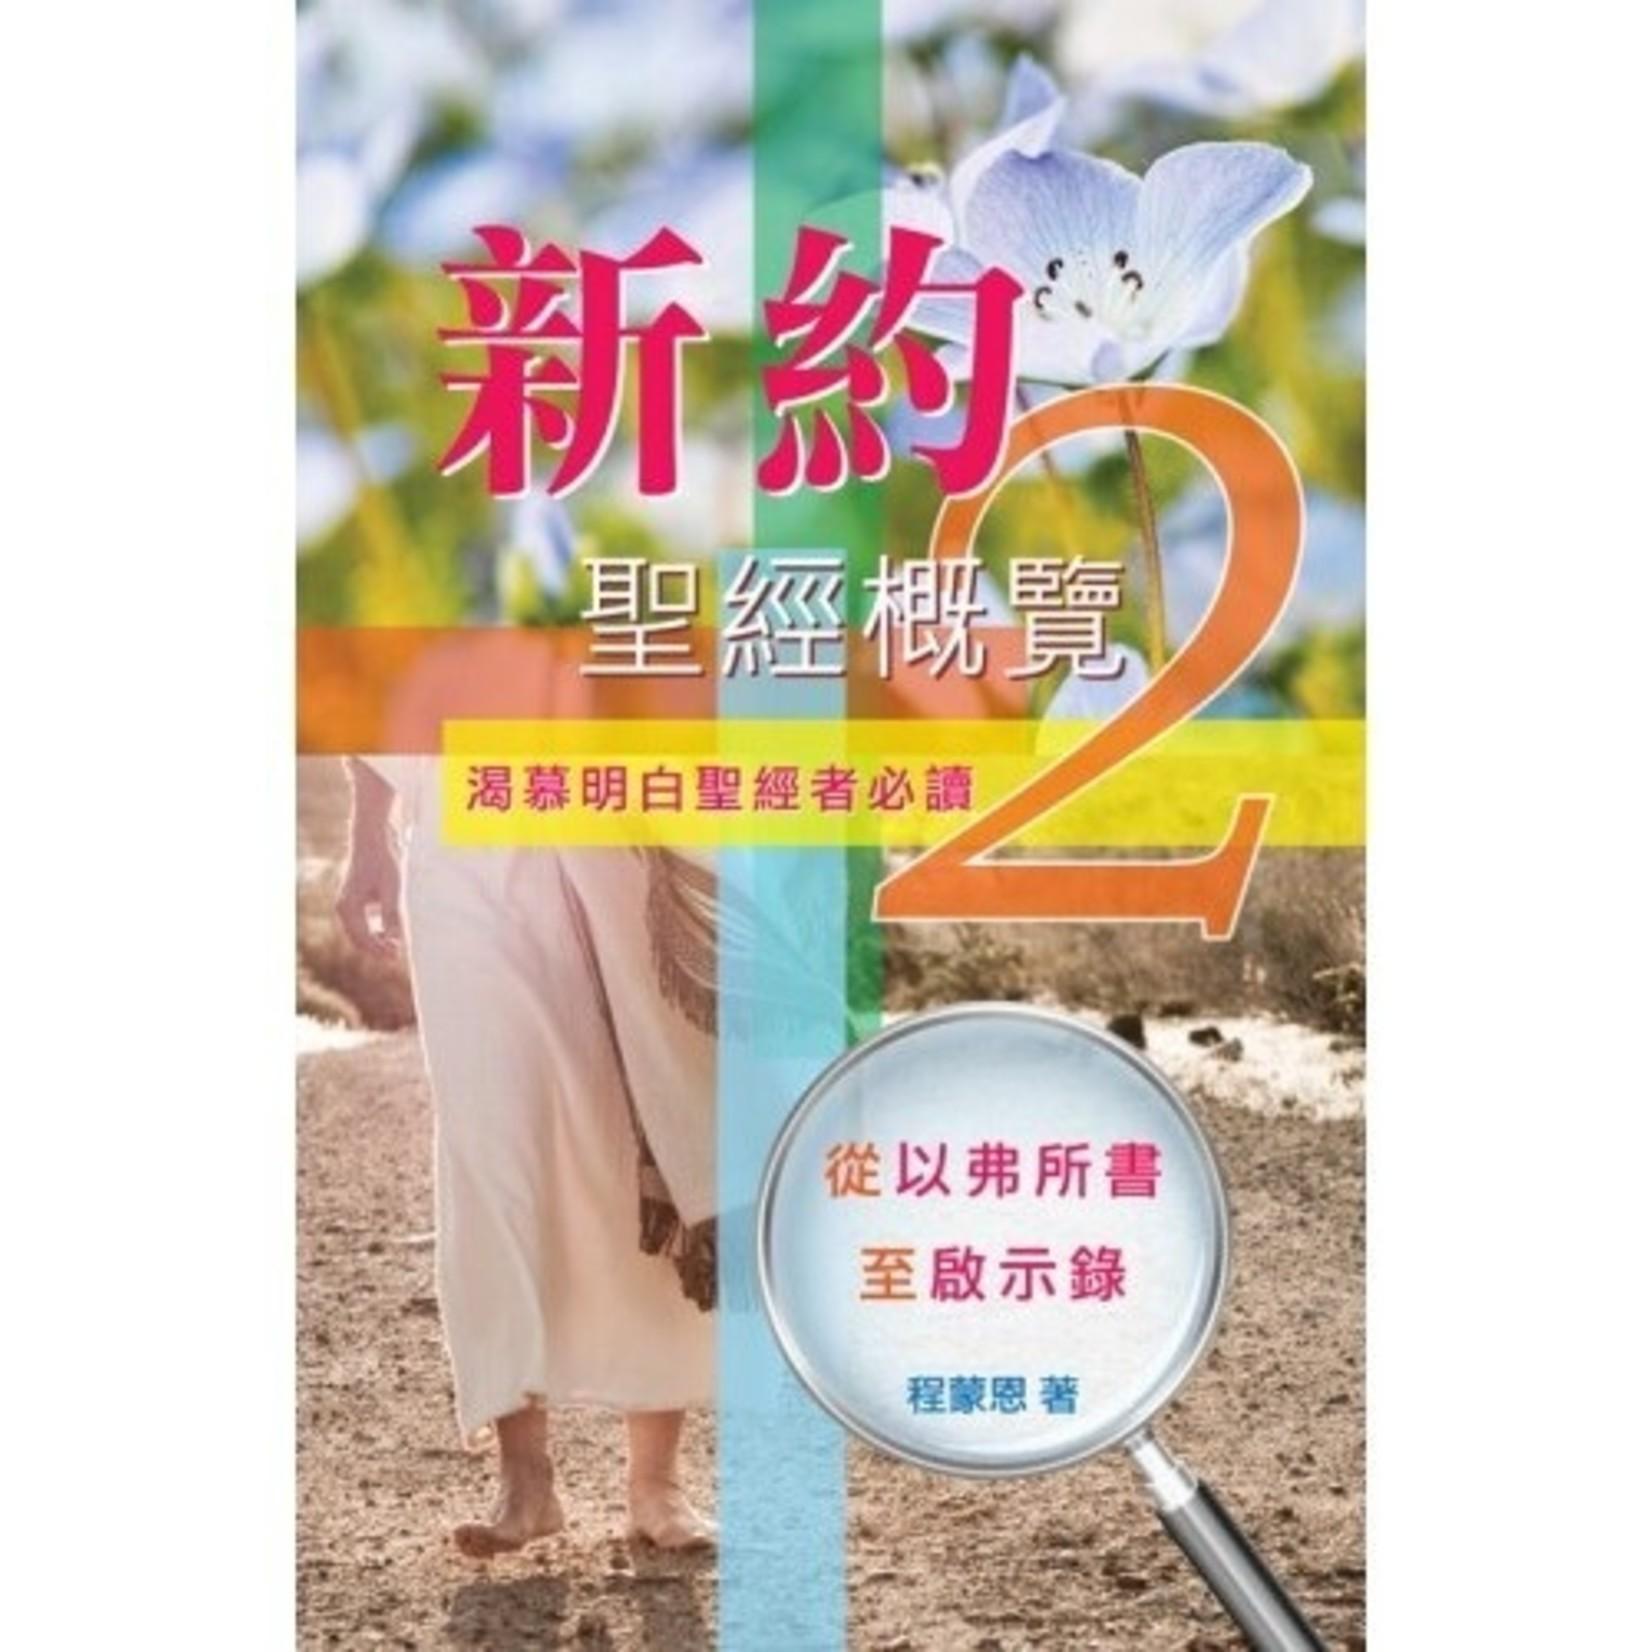 主恩 The Grace of Lord Publisher 新約聖經概覽2︰從以弗所書至啟示錄